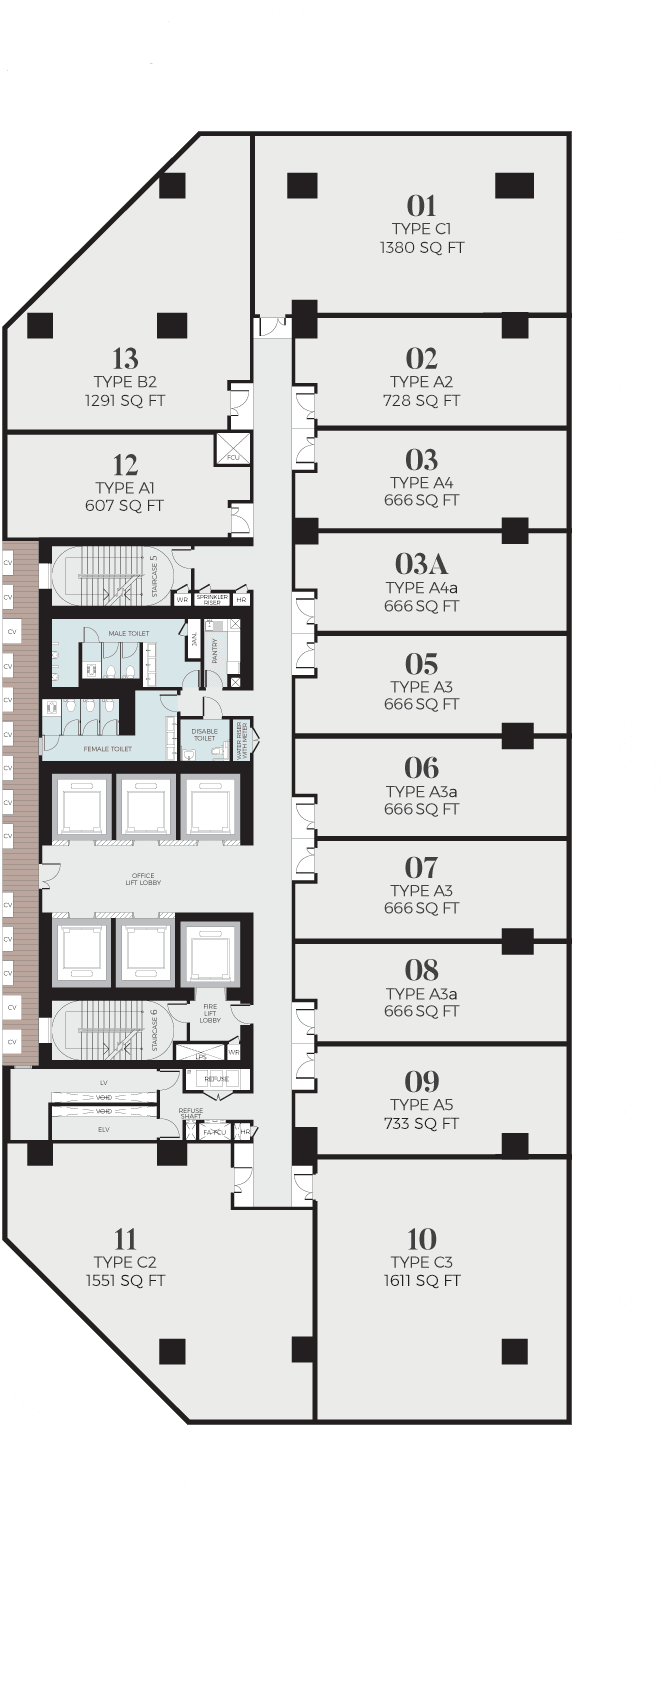 oxleytowers-klcc-officetower-floorplate